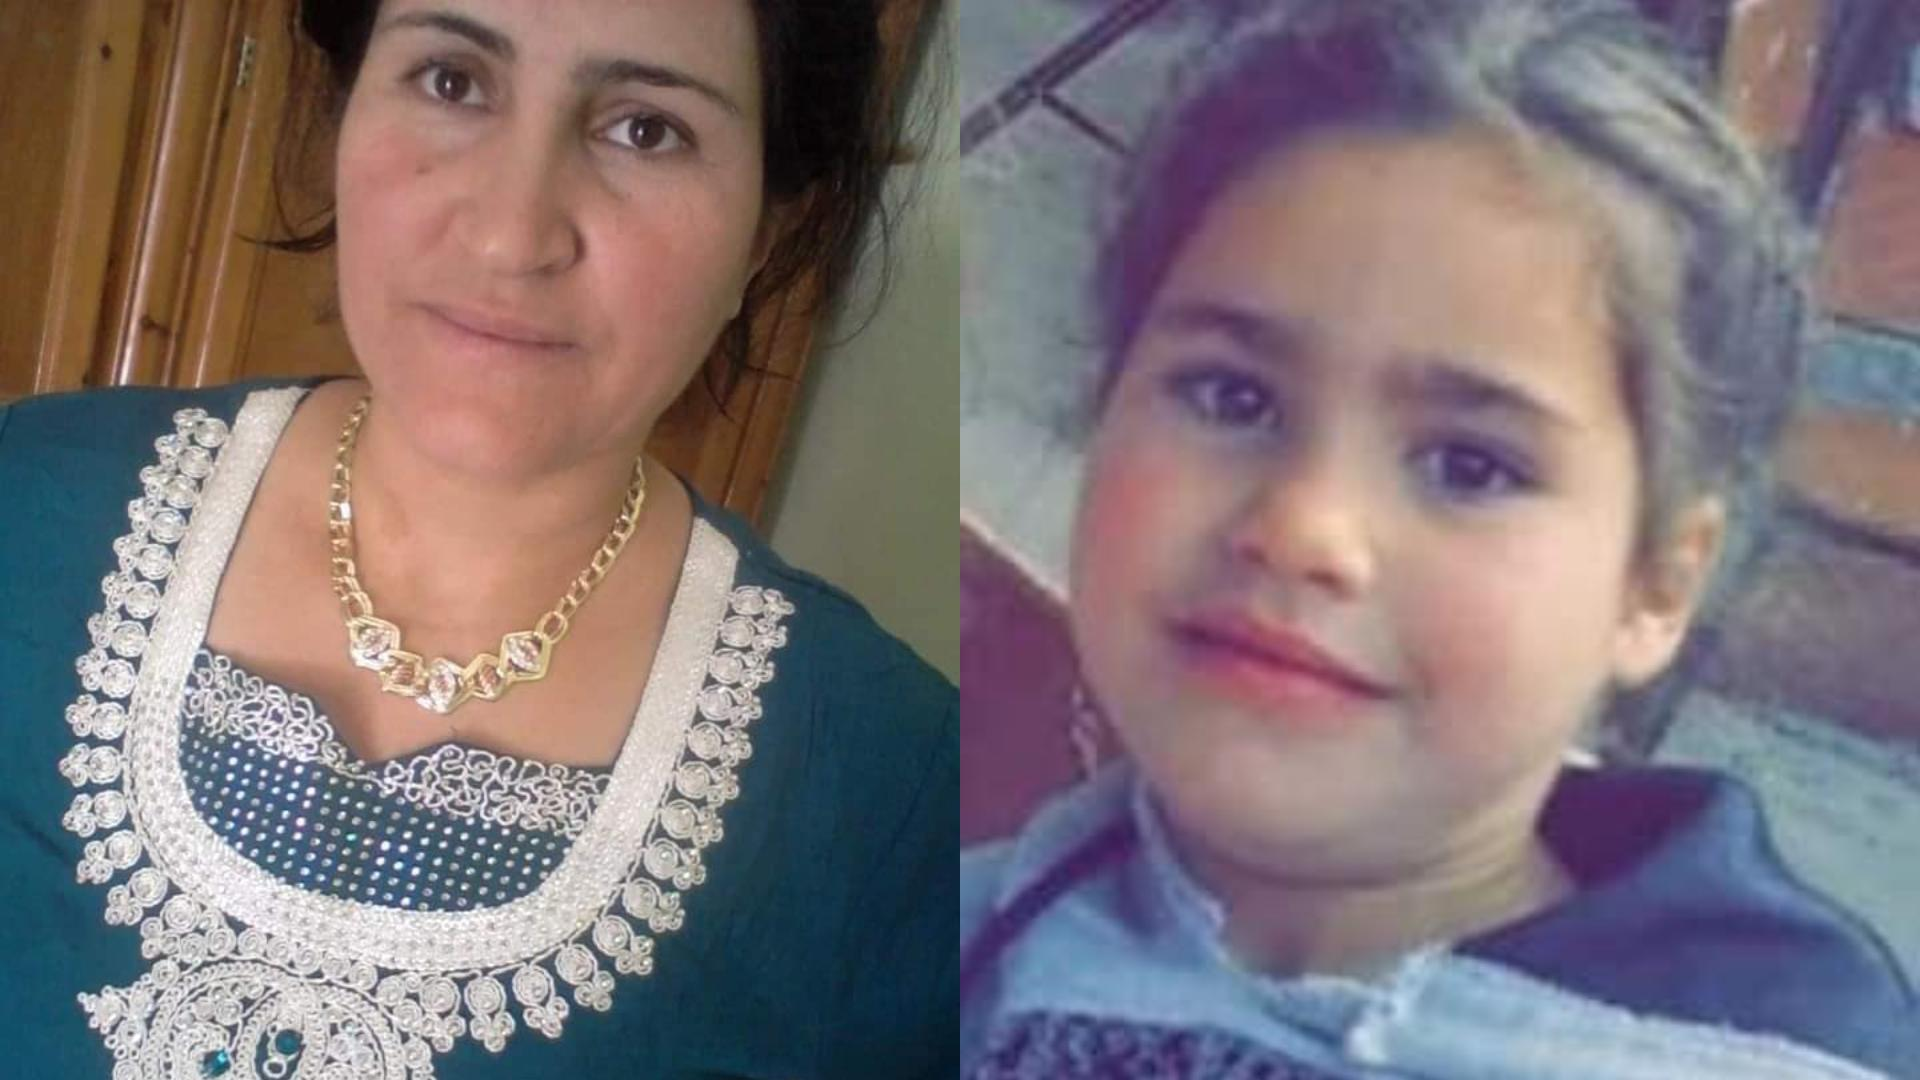 Assassinat de Rahima et Manel :Féminicide Algérie condamne et demande que justice soit faite